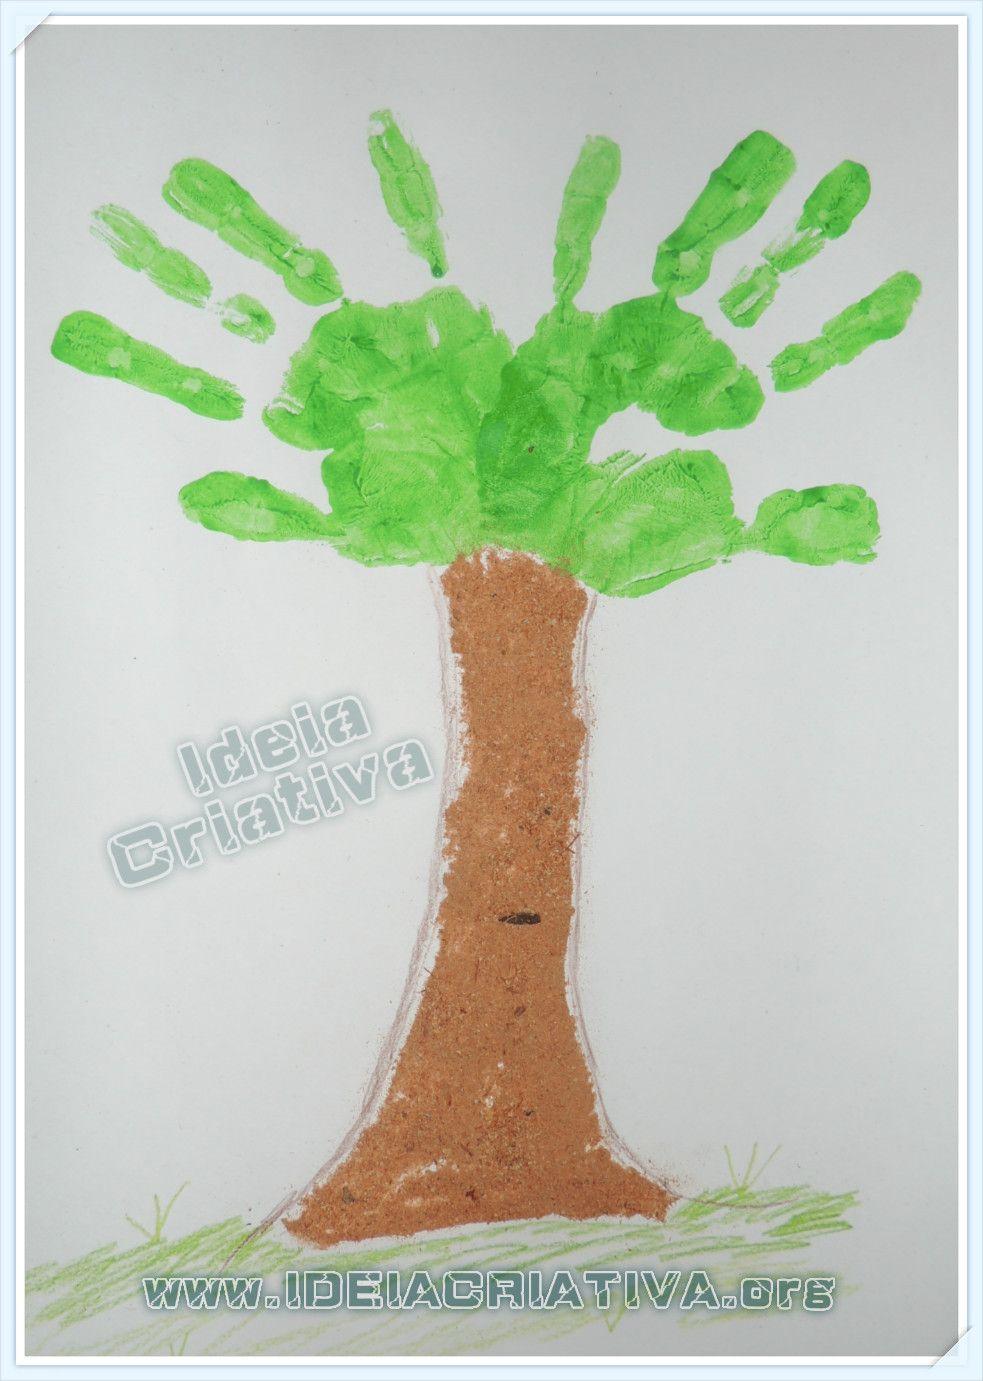 Rvore de carimbo de m os dia da rvore primavera outono for Mural sobre o meio ambiente